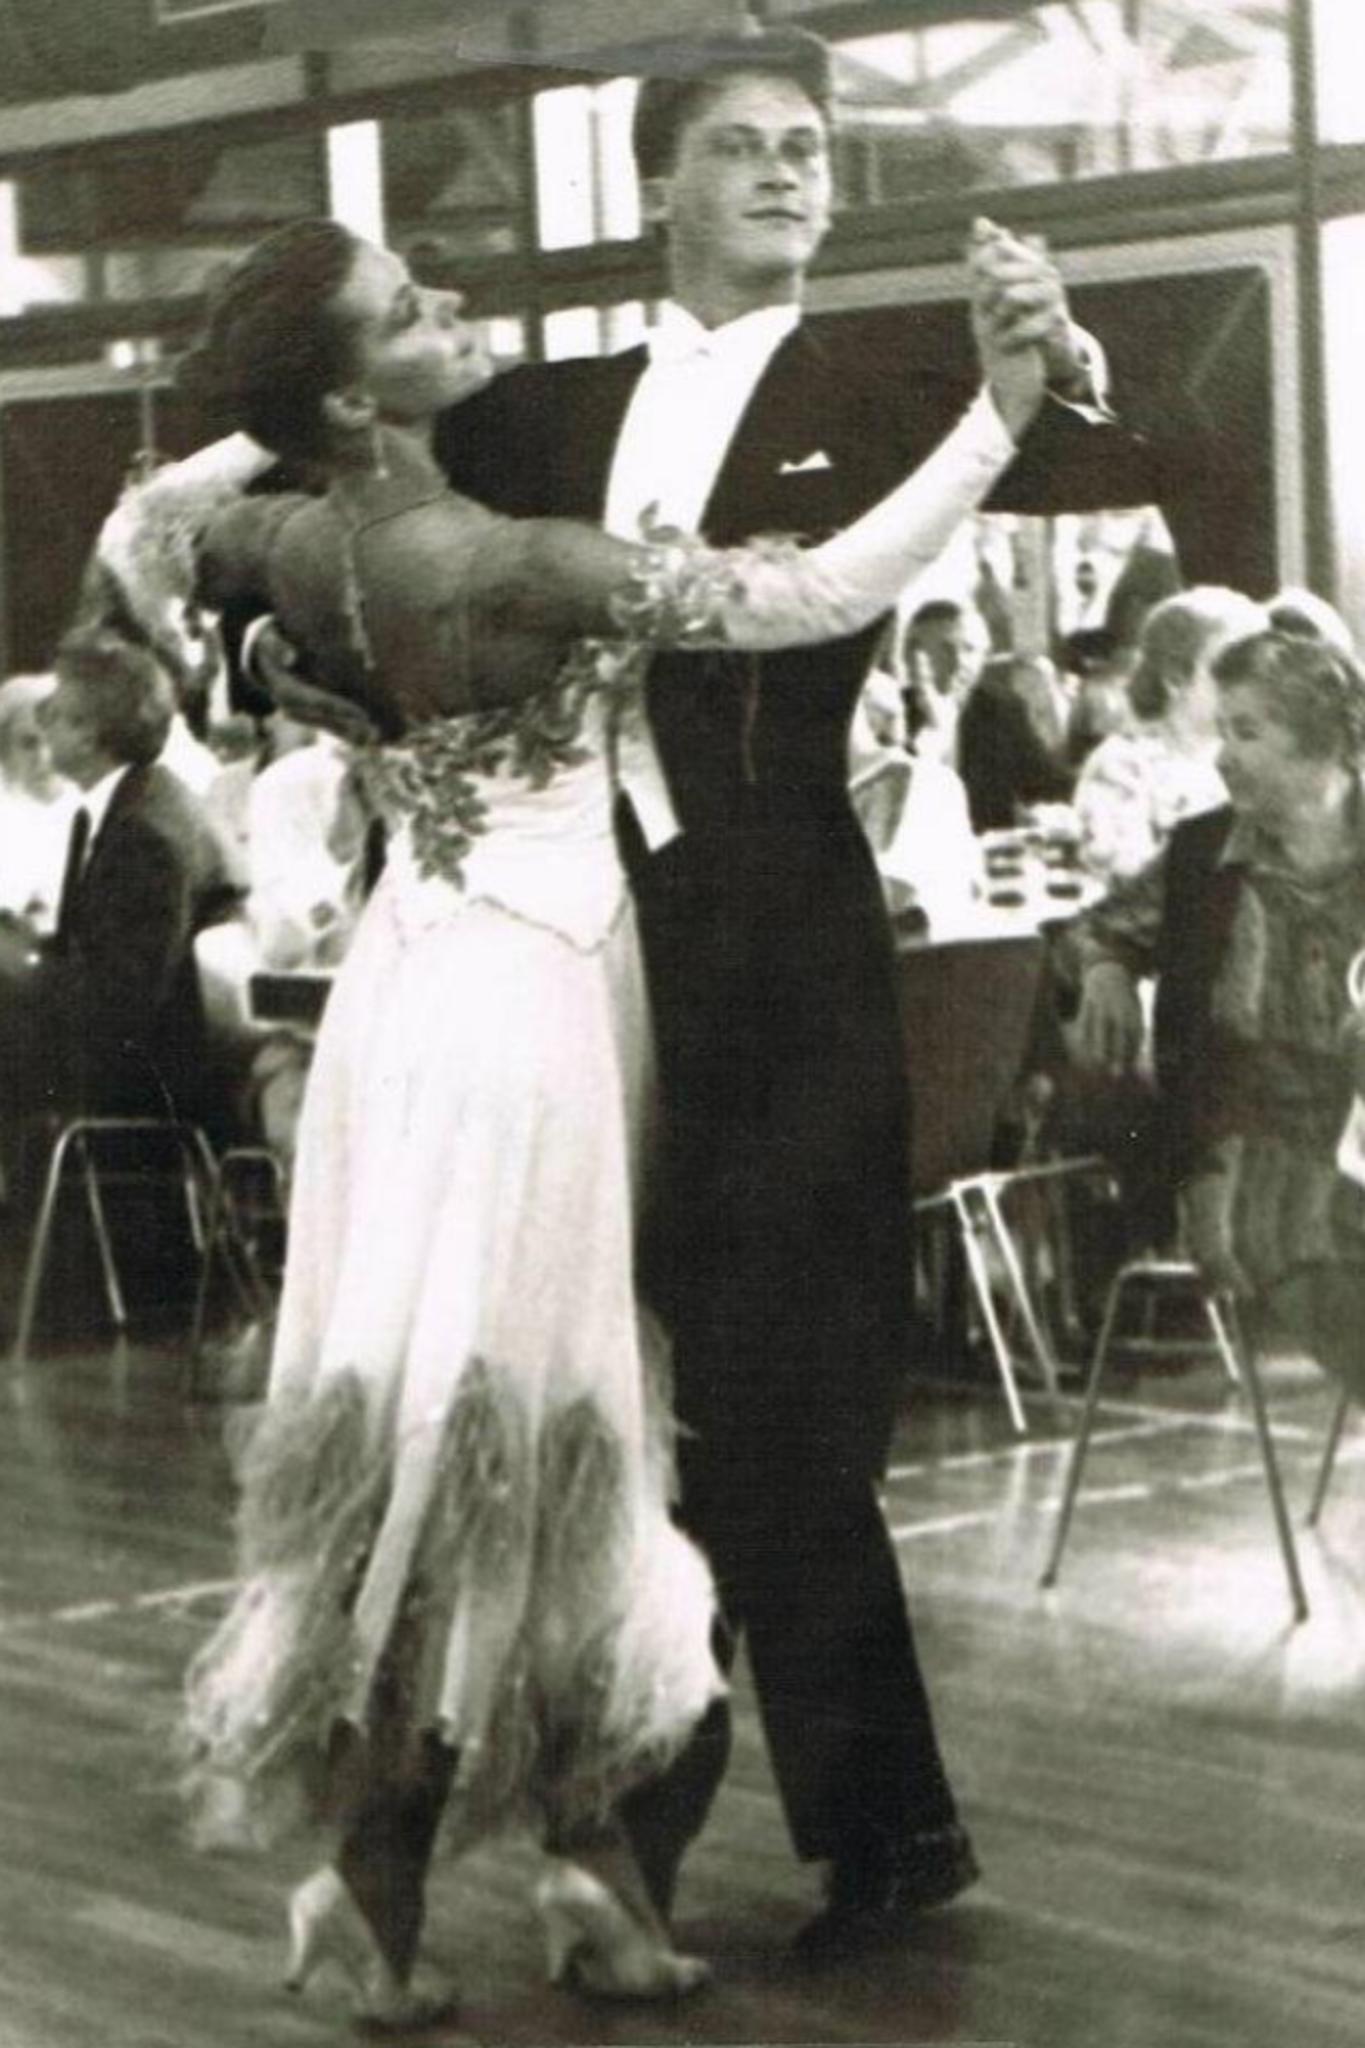 prodiftusu: Was schenke ich meinem tanzpartner zum